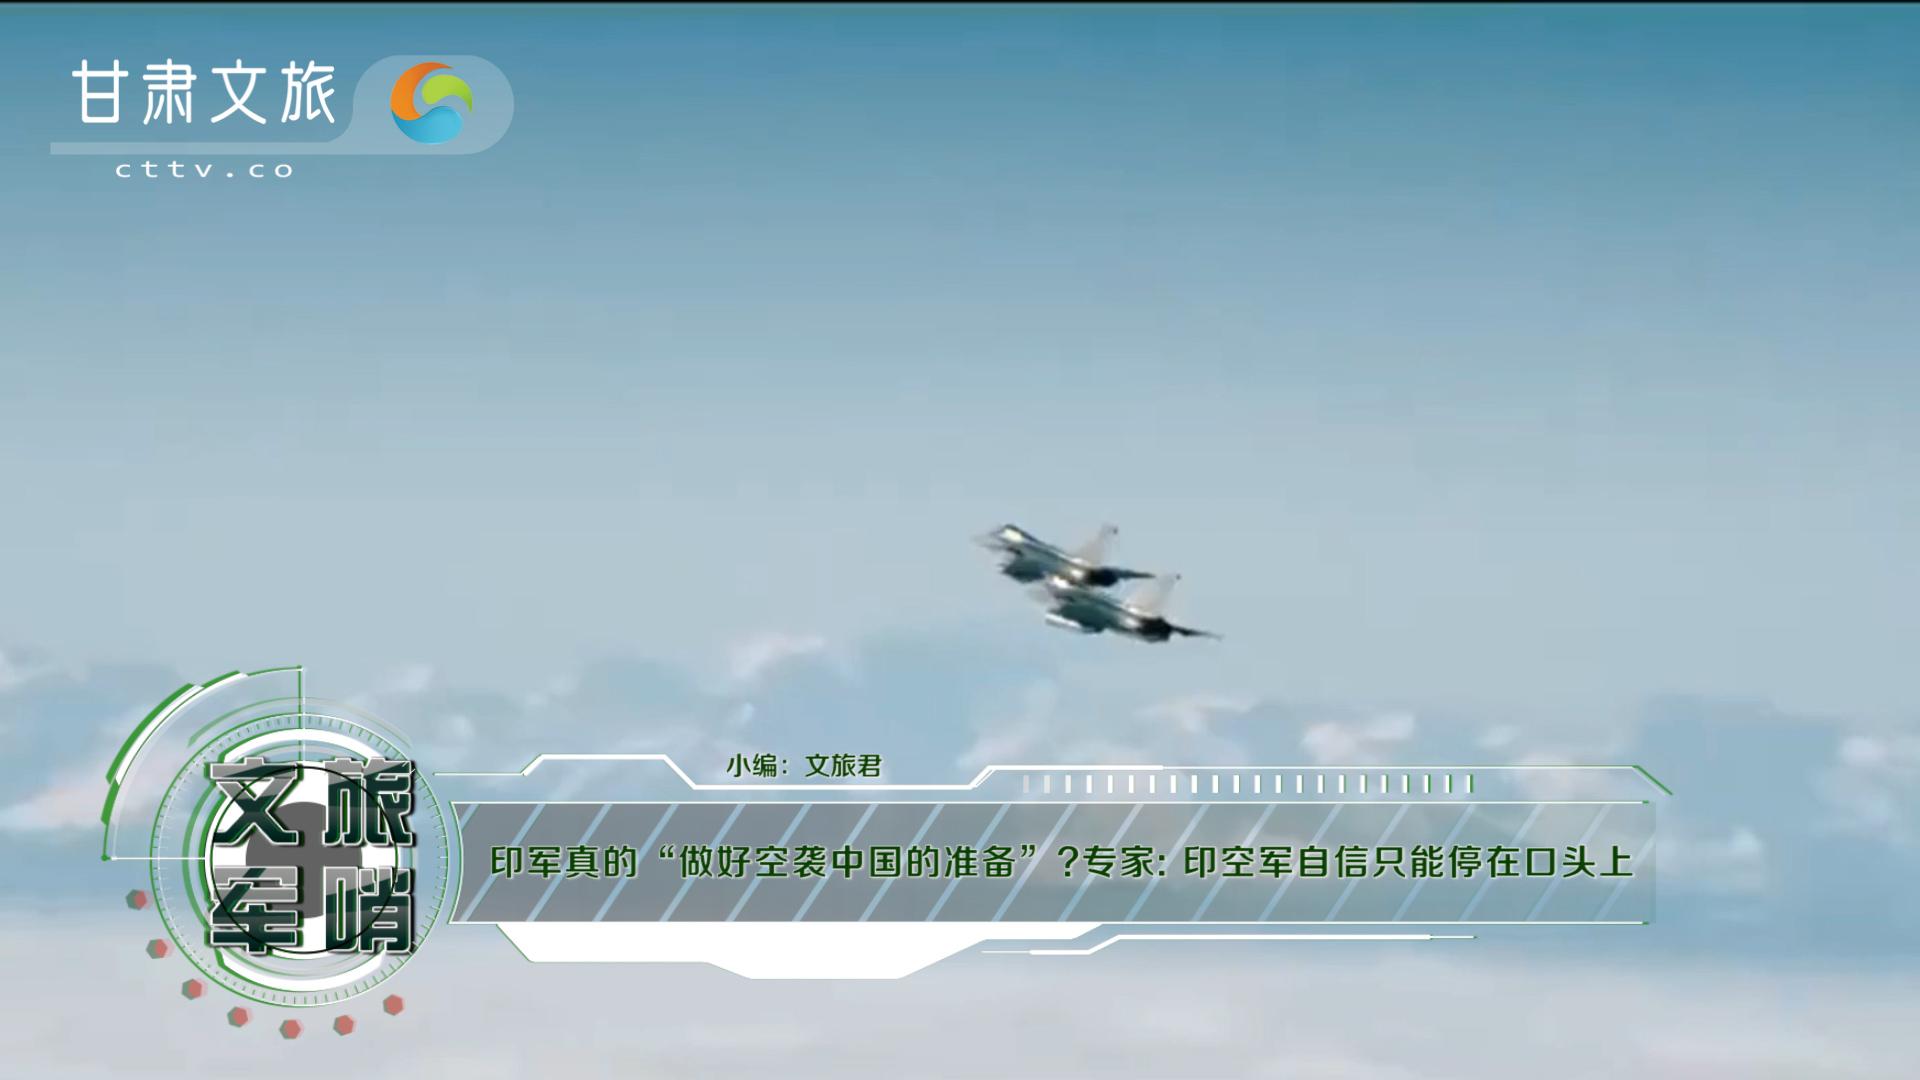 印军真的做好空袭中国的准备?专家: 印空军自信只能停在口头上